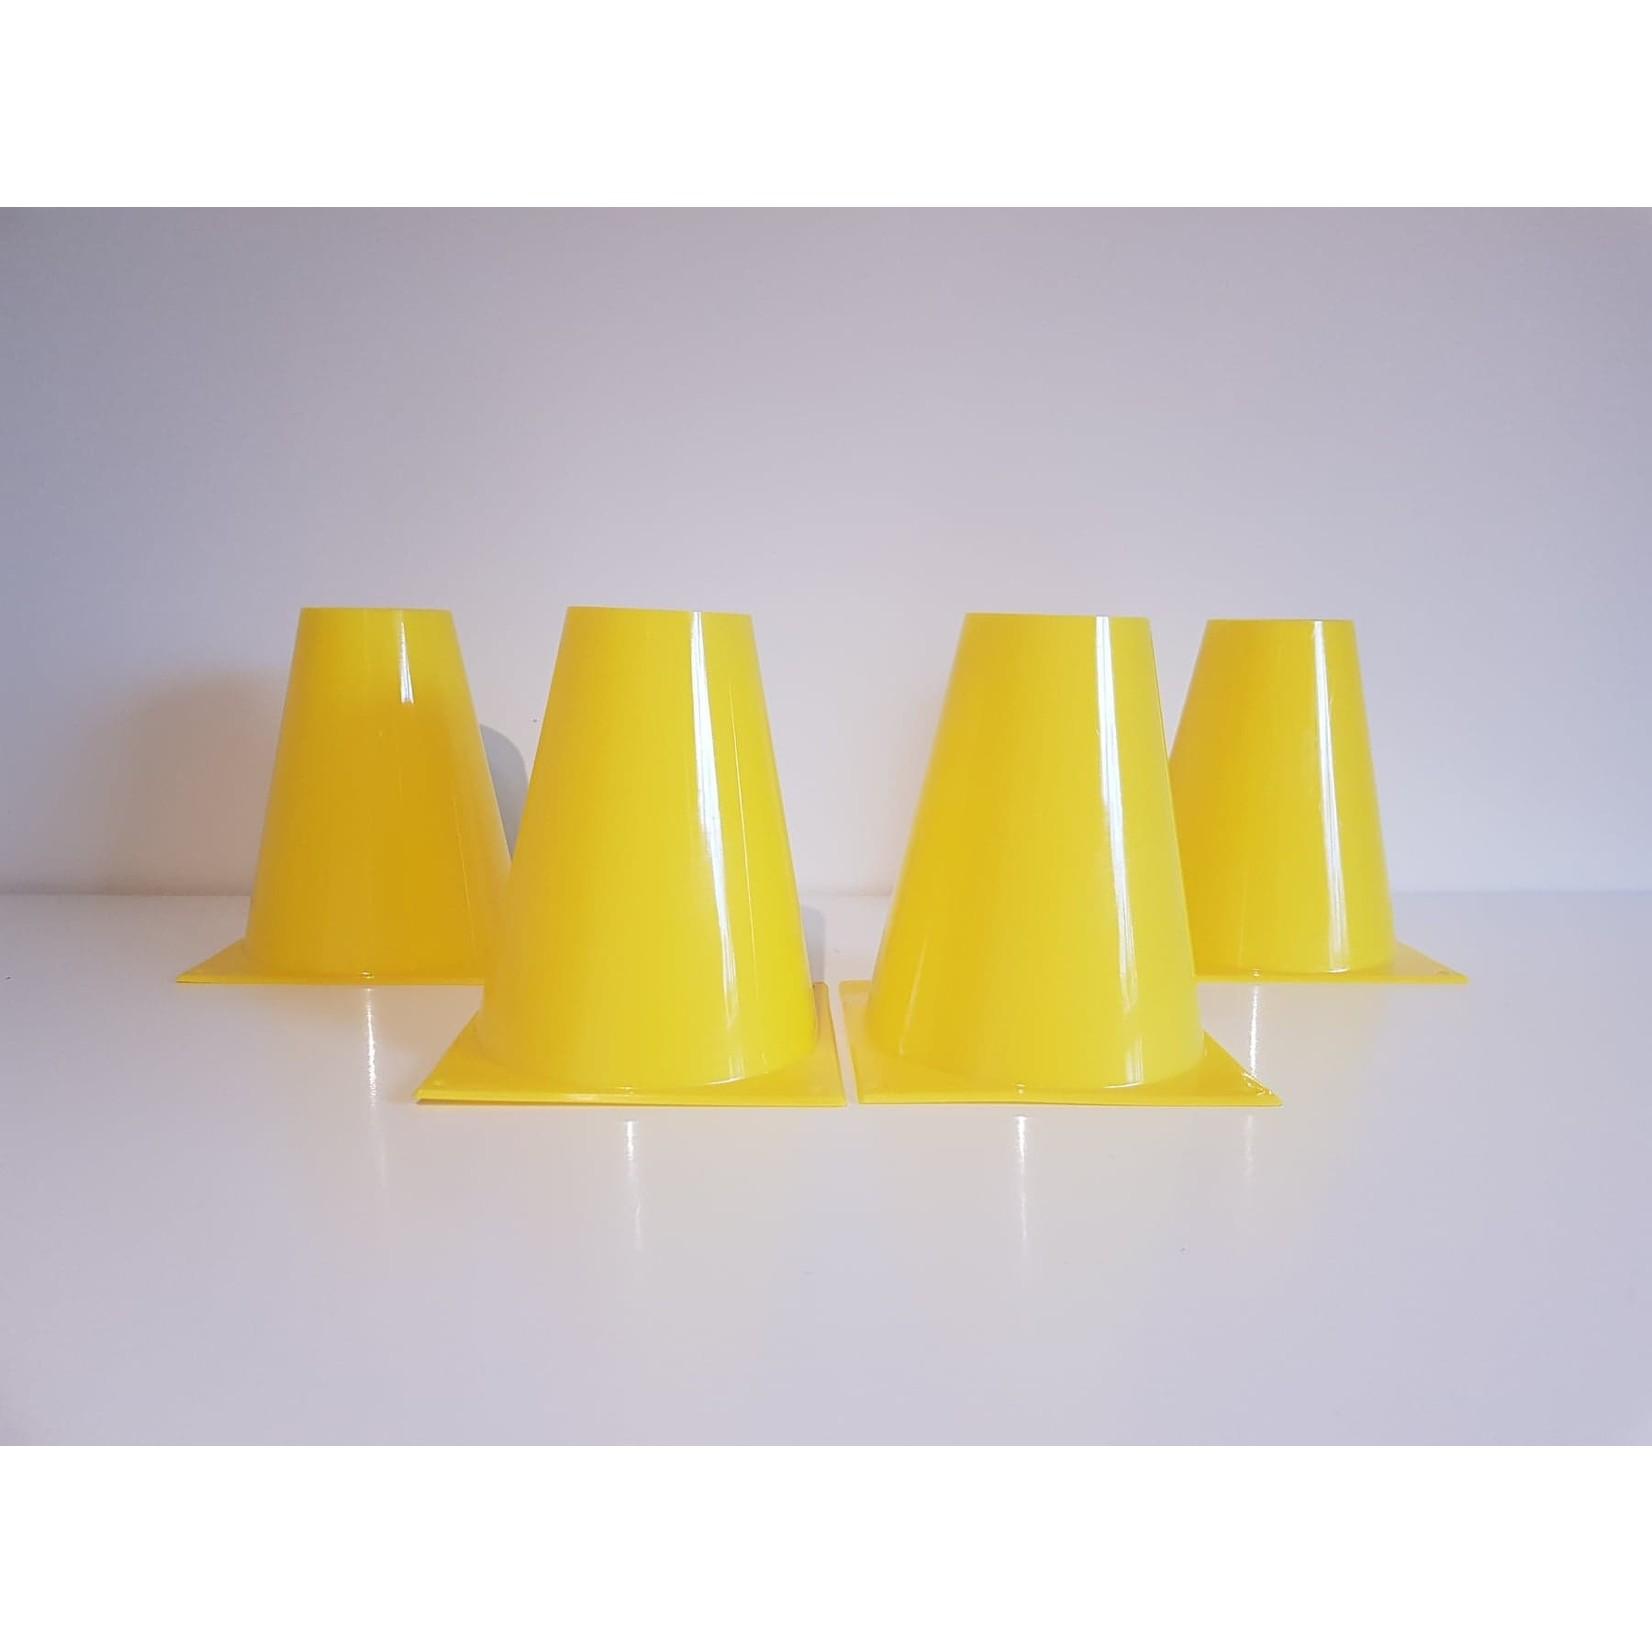 Box kegels van 15cm hoogte (set van 4)